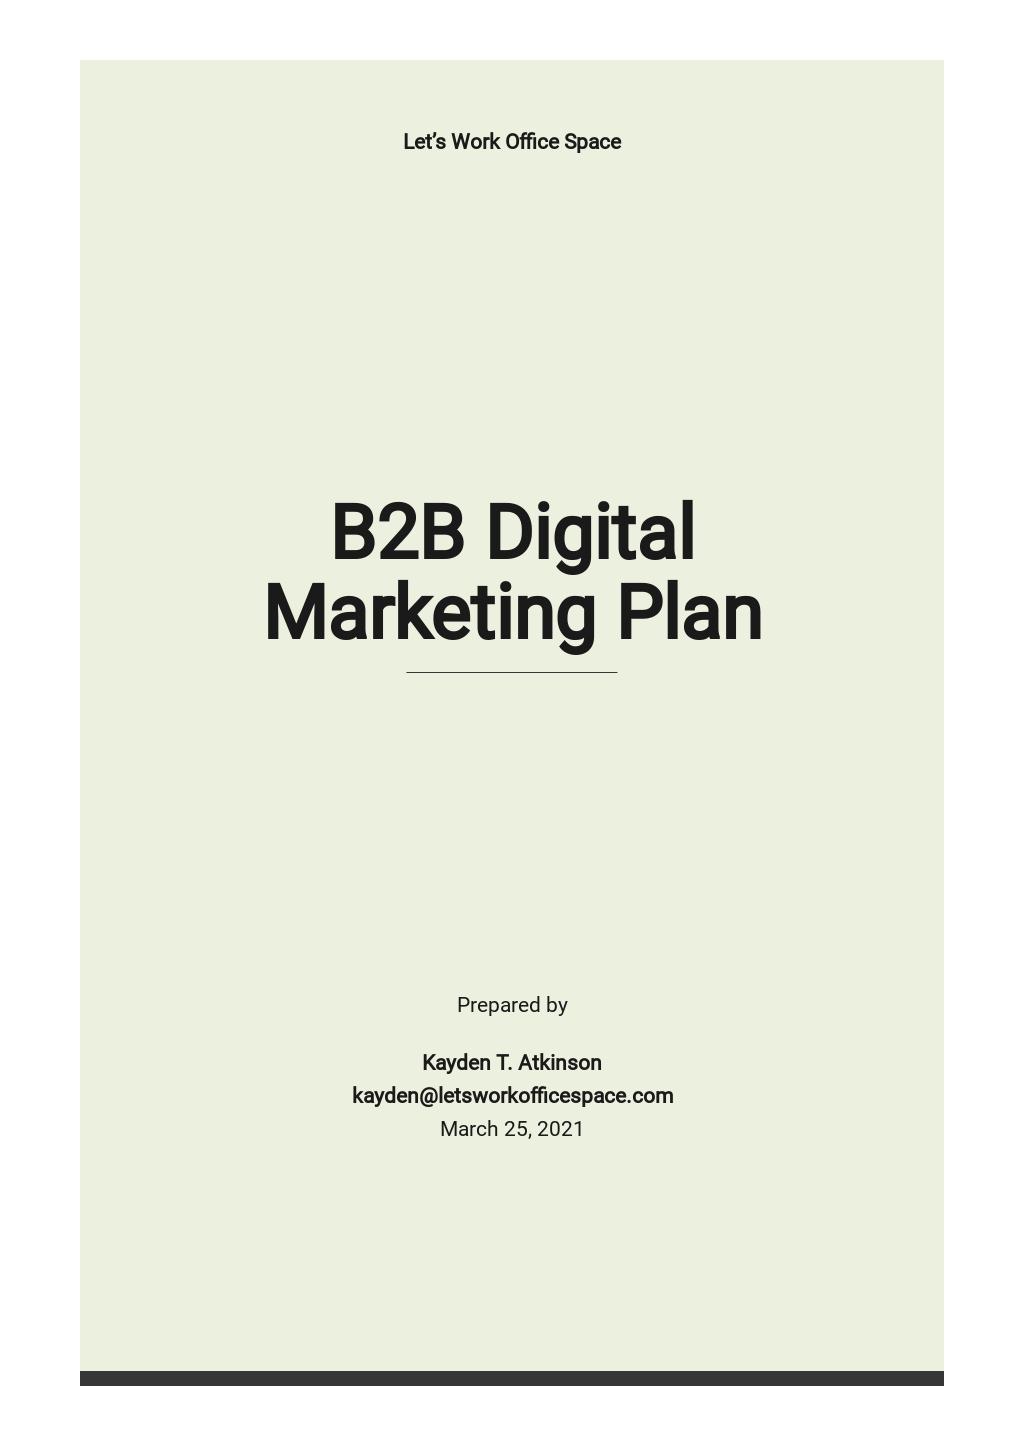 B2B Digital Marketing Plan Template.jpe